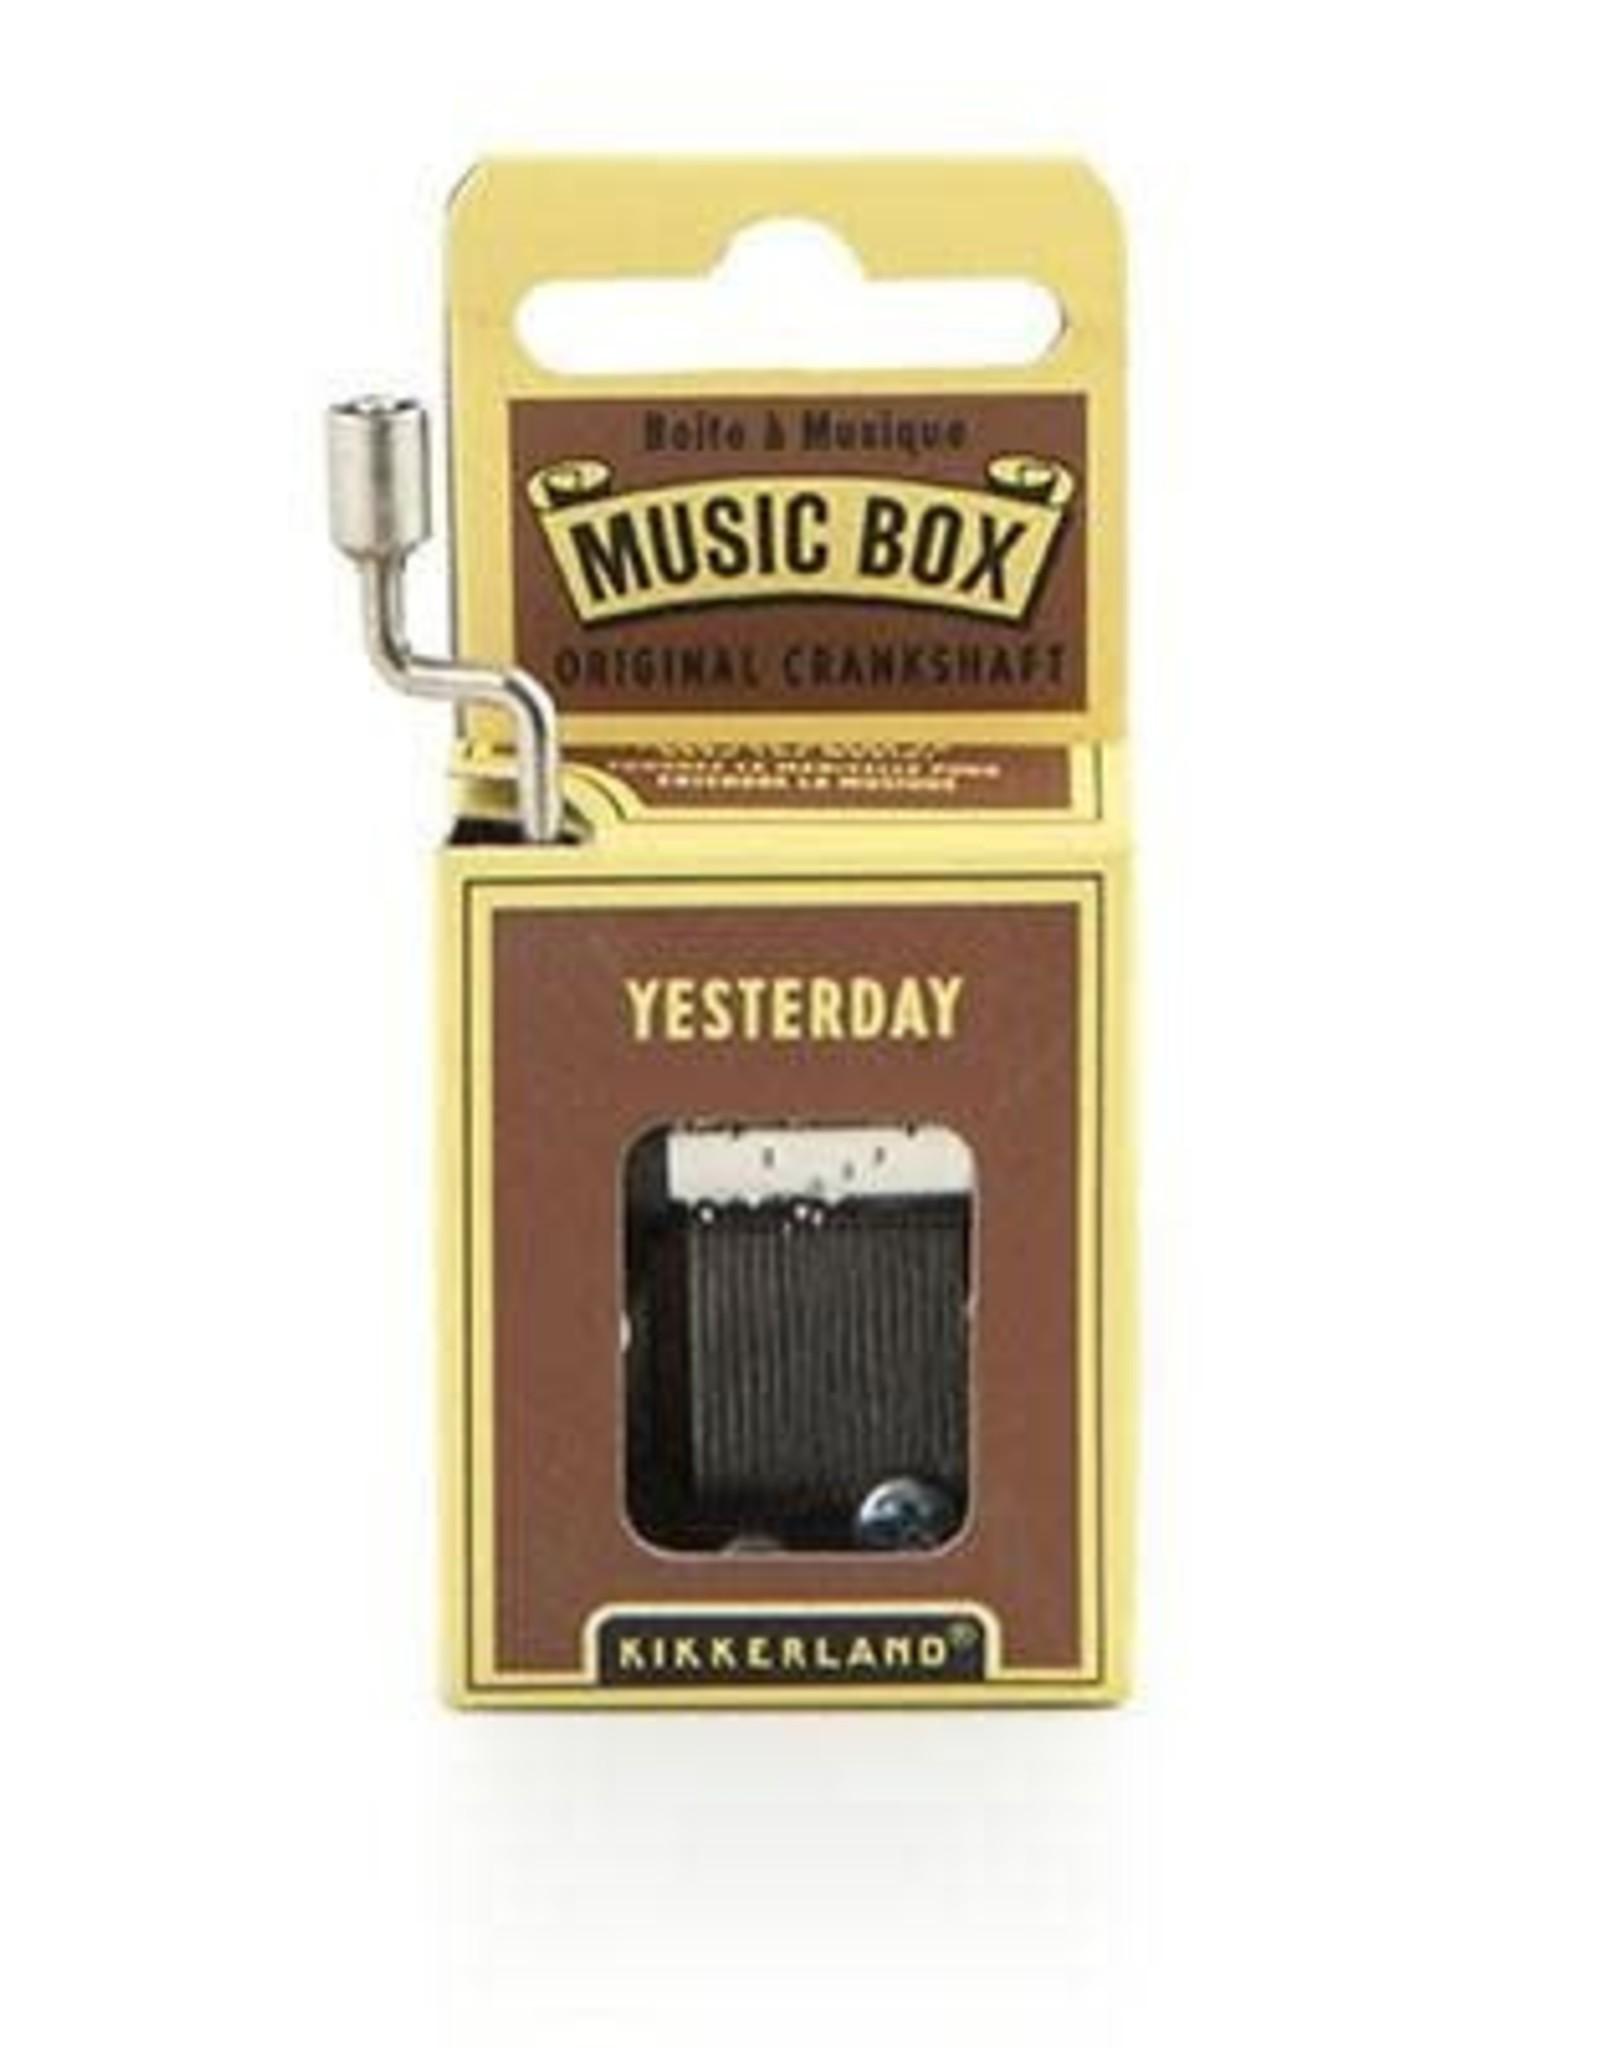 Yesterday Music Box